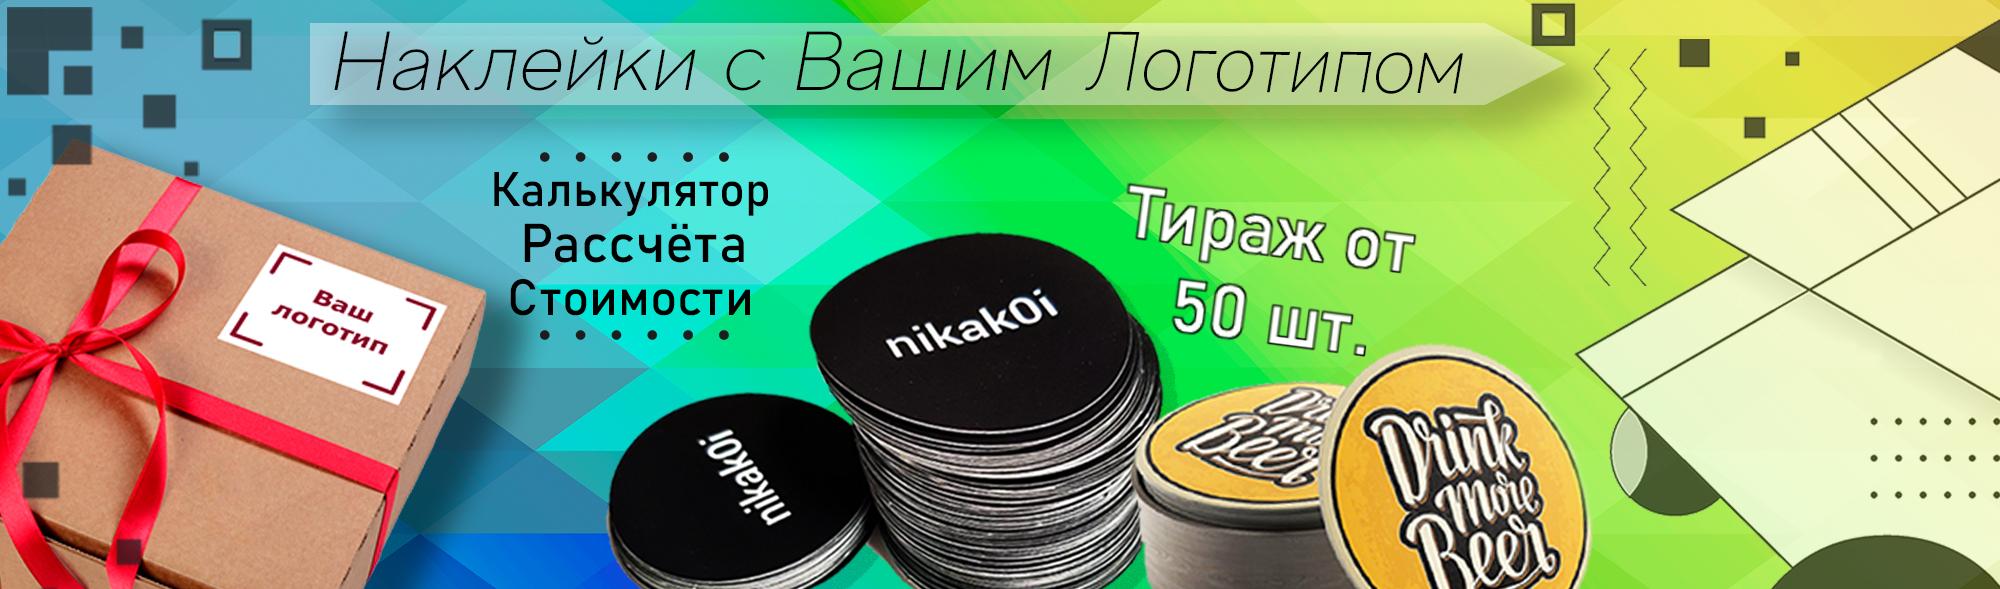 Наклейки с Вашим логотипом StickStock.ru